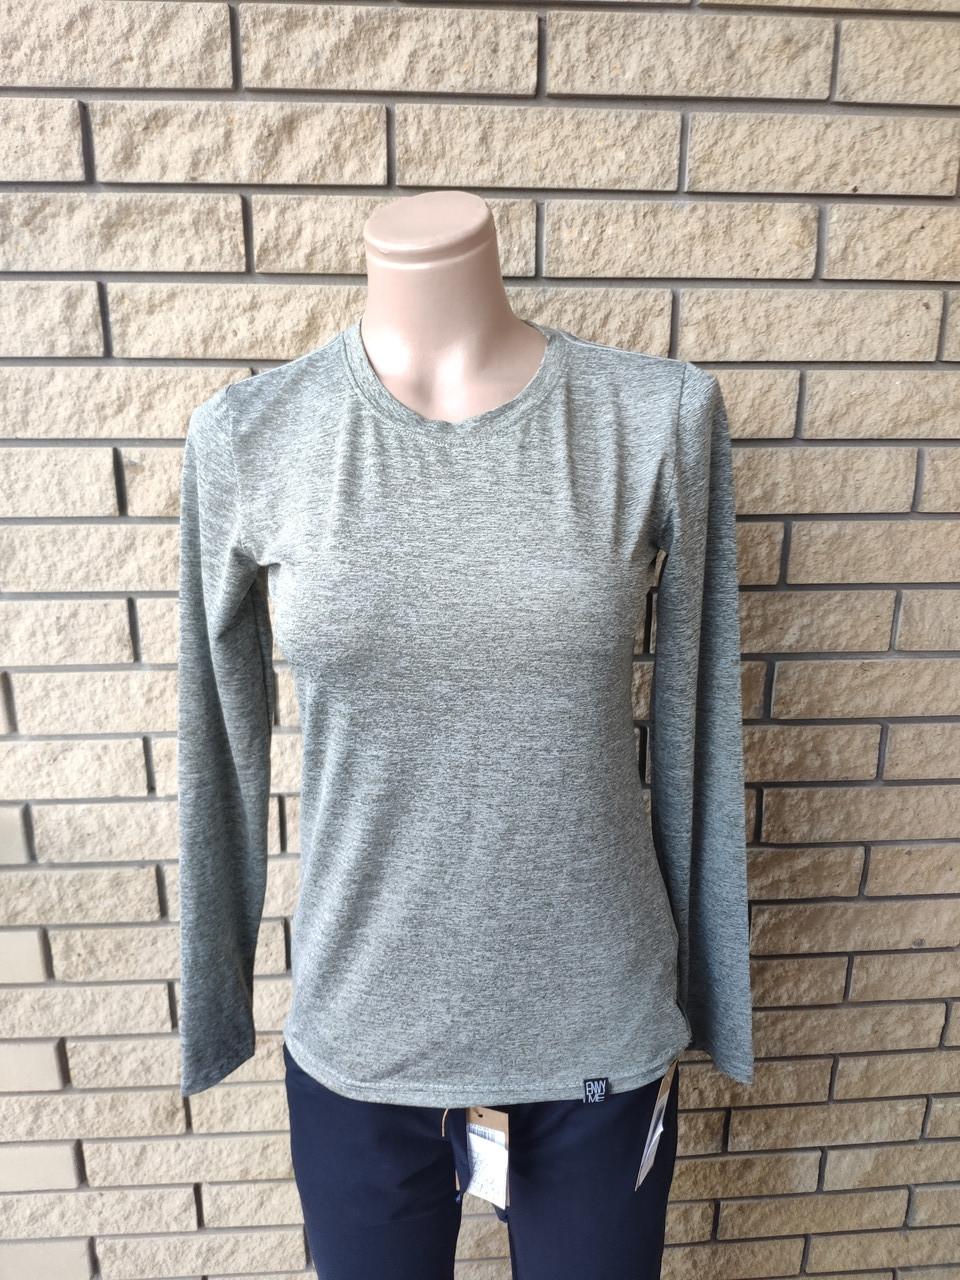 Кофта, футболка с длинным рукавом женская трикотажная высокого качества брендовая ENVYME, Украина(ARBER)